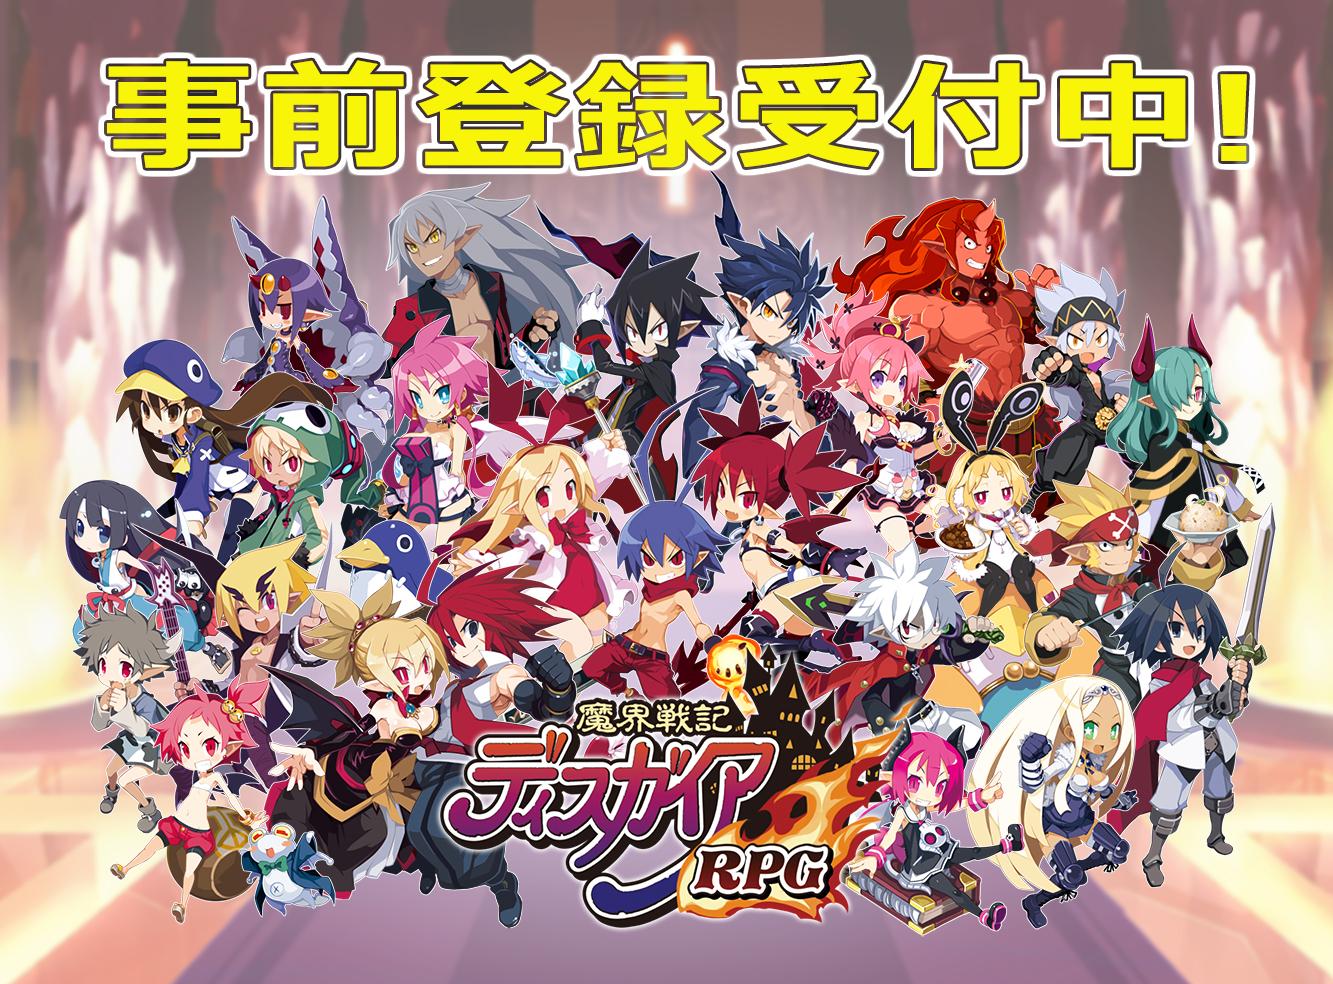 『魔界戦記ディスガイアRPG』事前登録受付開始  (C)ForwardWorks Corporation. (C)Nippon Ichi Software, Inc.